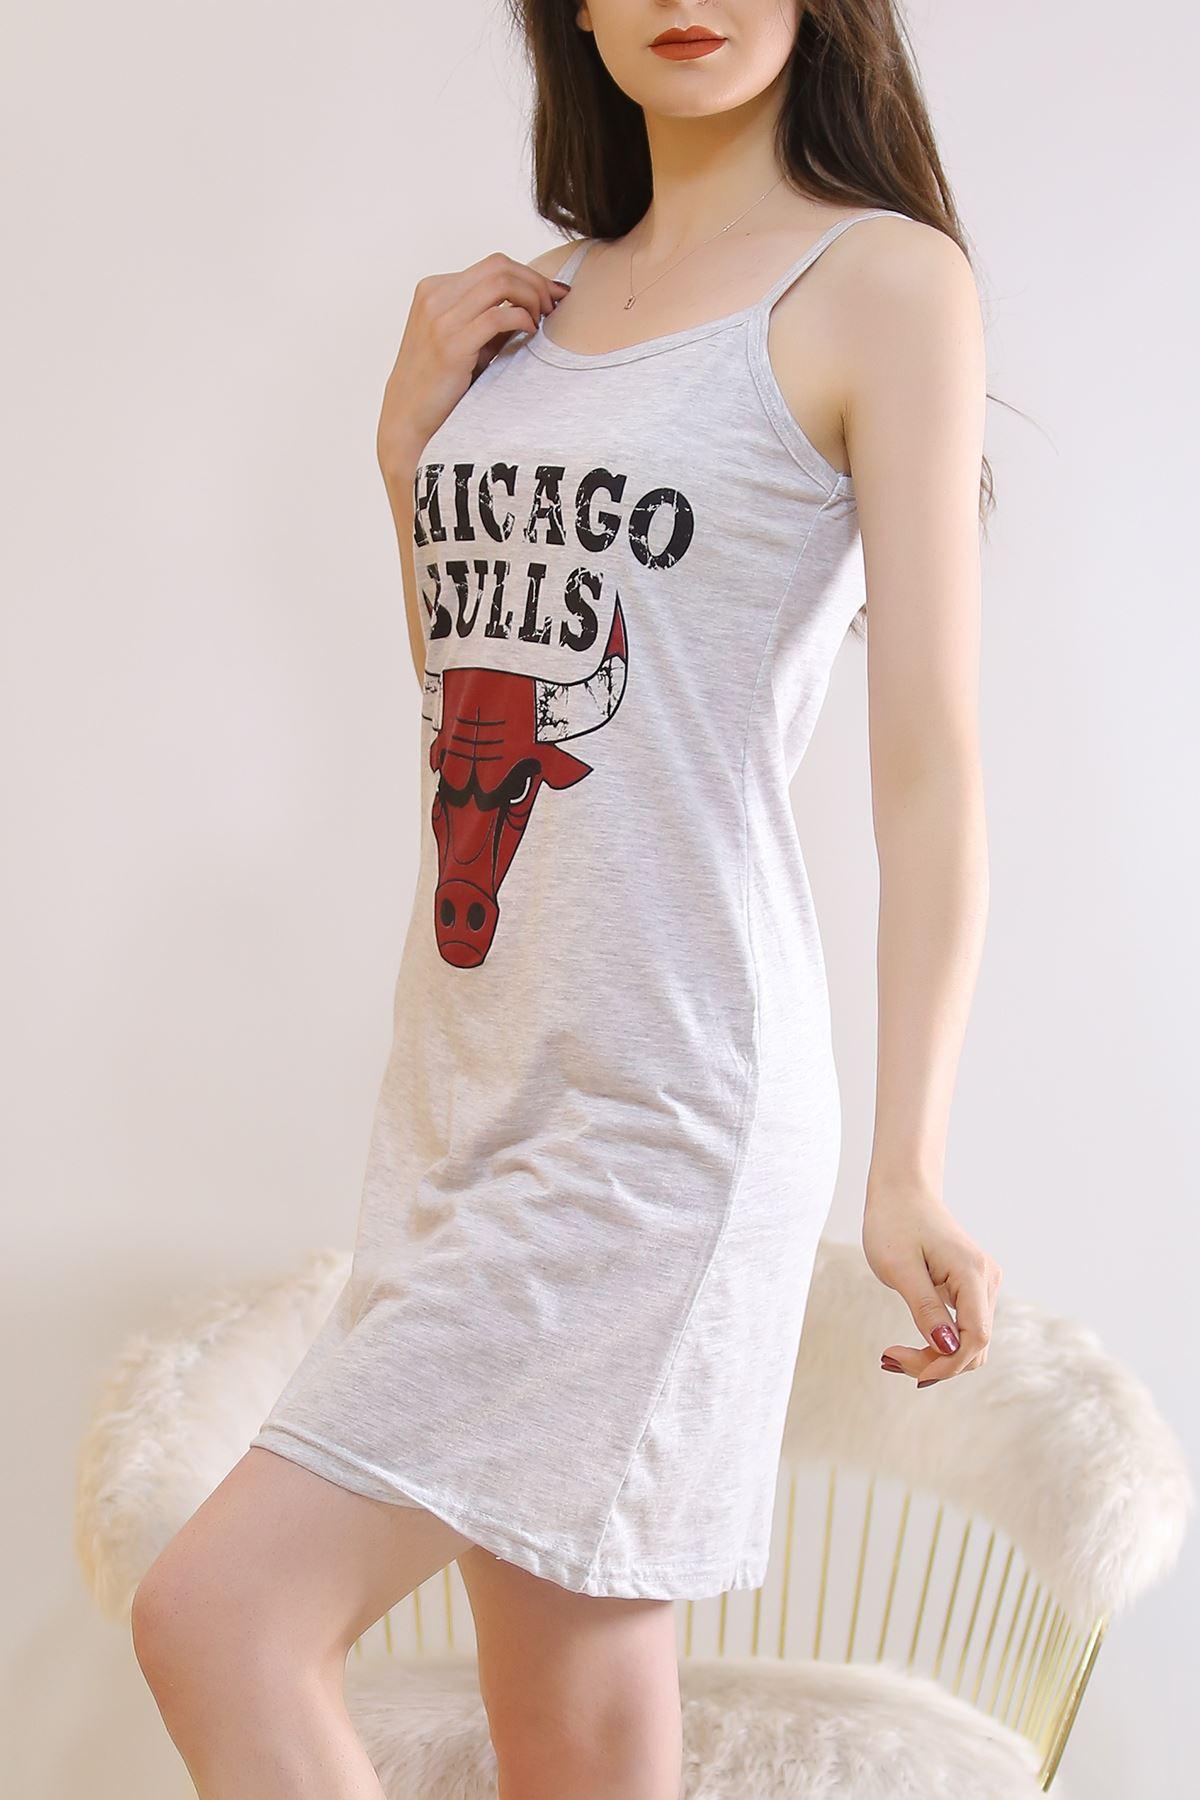 İp Askılı Elbise Gri1 - 5996.1287.